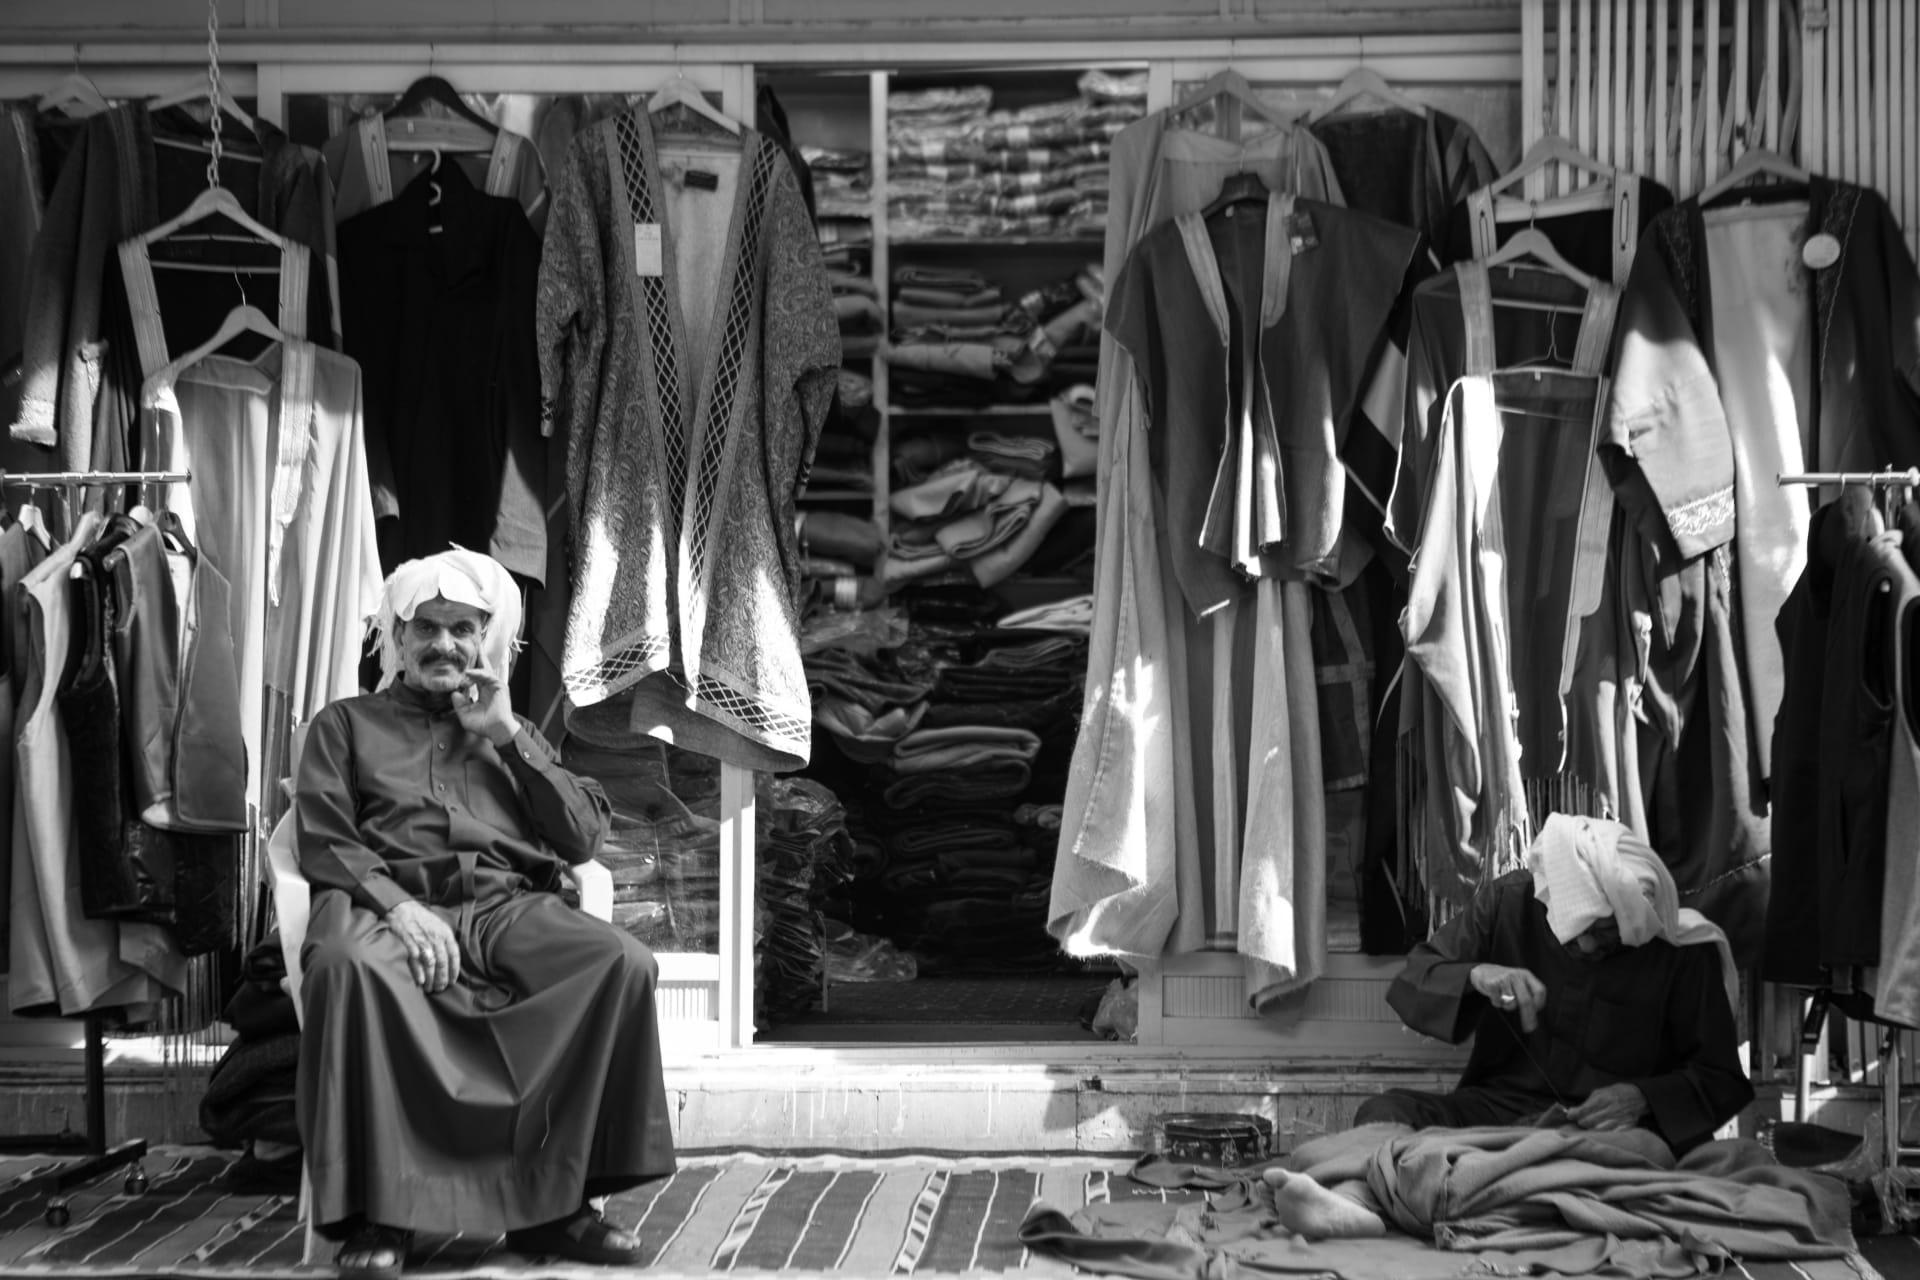 بعد أن قررت أن تكون غريبة بمسقط رأسها.. مصورة تكتشف عالم جديد بمدينة الكويت